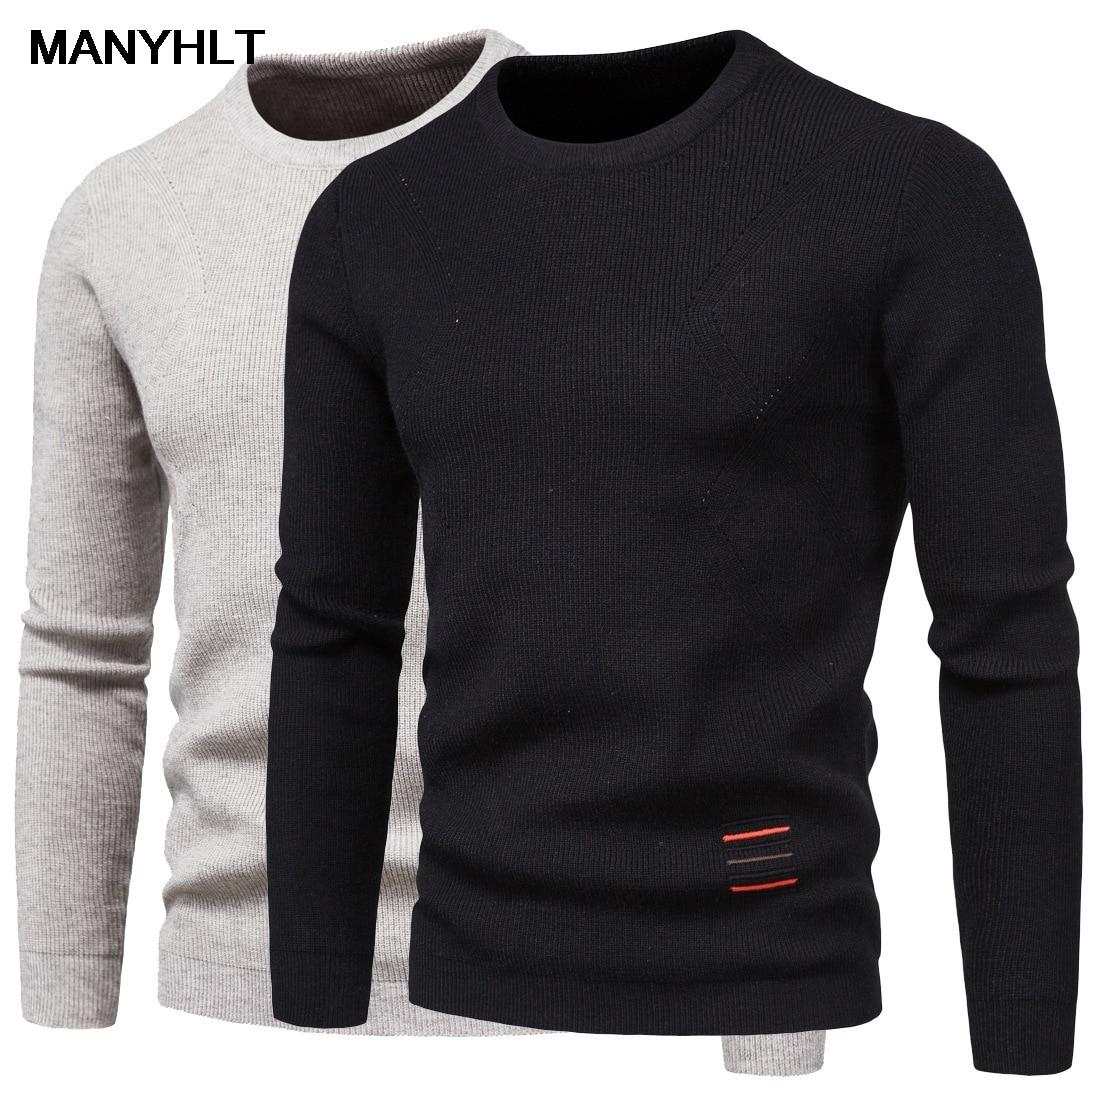 Мужские облегающие пуловеры, высококачественные пуловеры, мужские эластичные повседневные свитеры, однотонные черные свитеры с круглым вы...